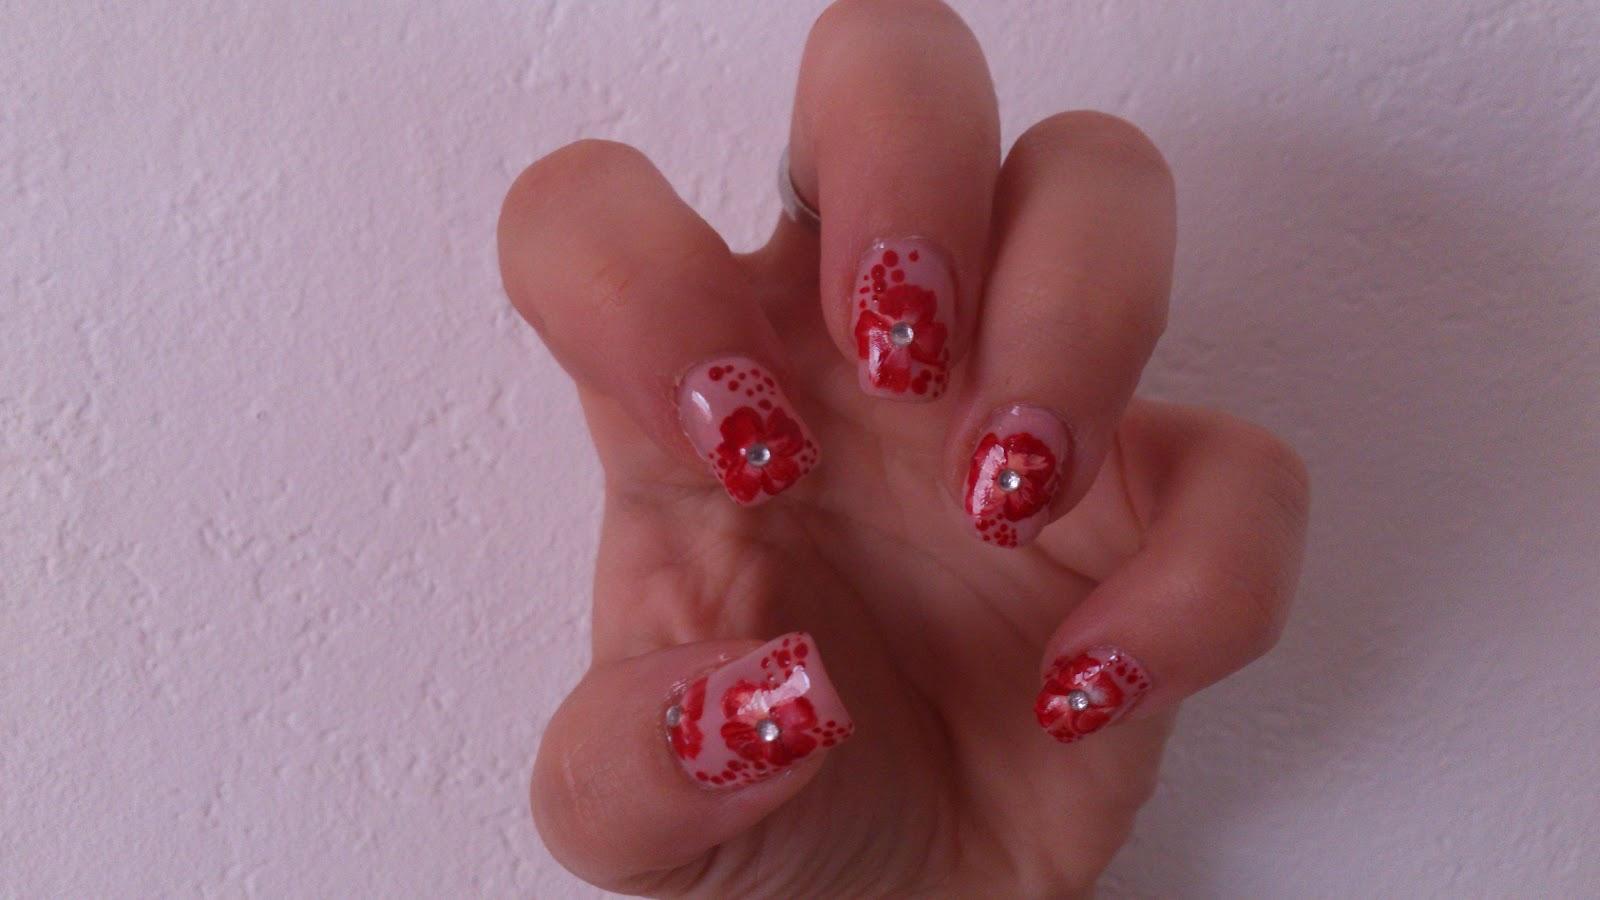 Anspruchsvoll Nageldesign Rot Das Beste Von Neues Nageldesign!!!! Blüten In Rot!